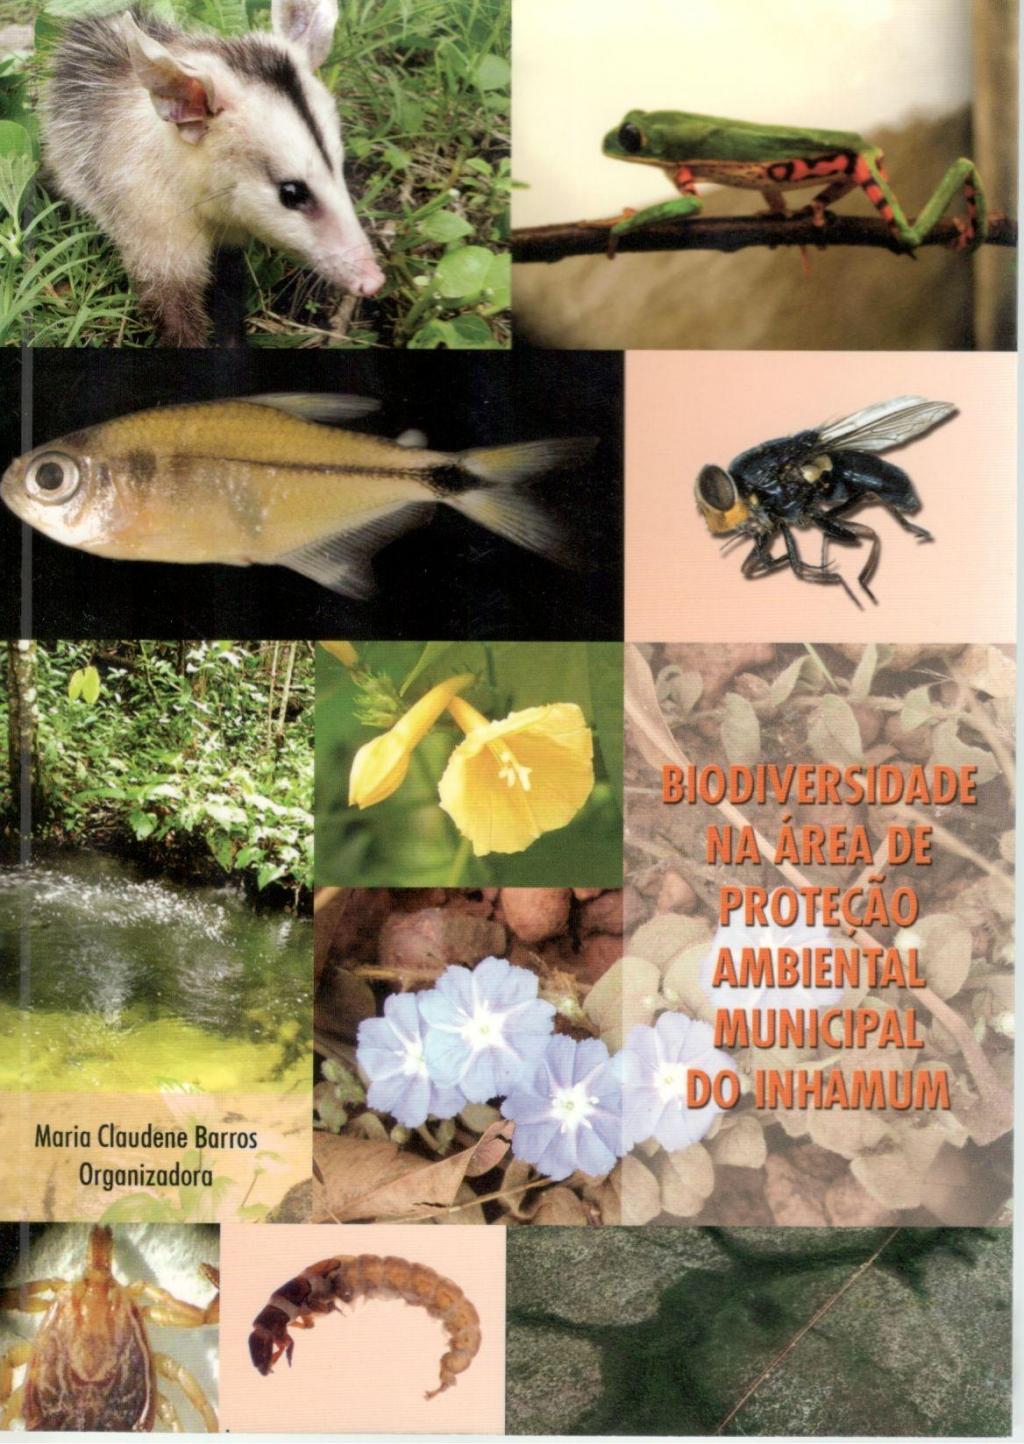 Biodiversidade na área de proteção ambiental municipal do Inhamum (Esgotado)